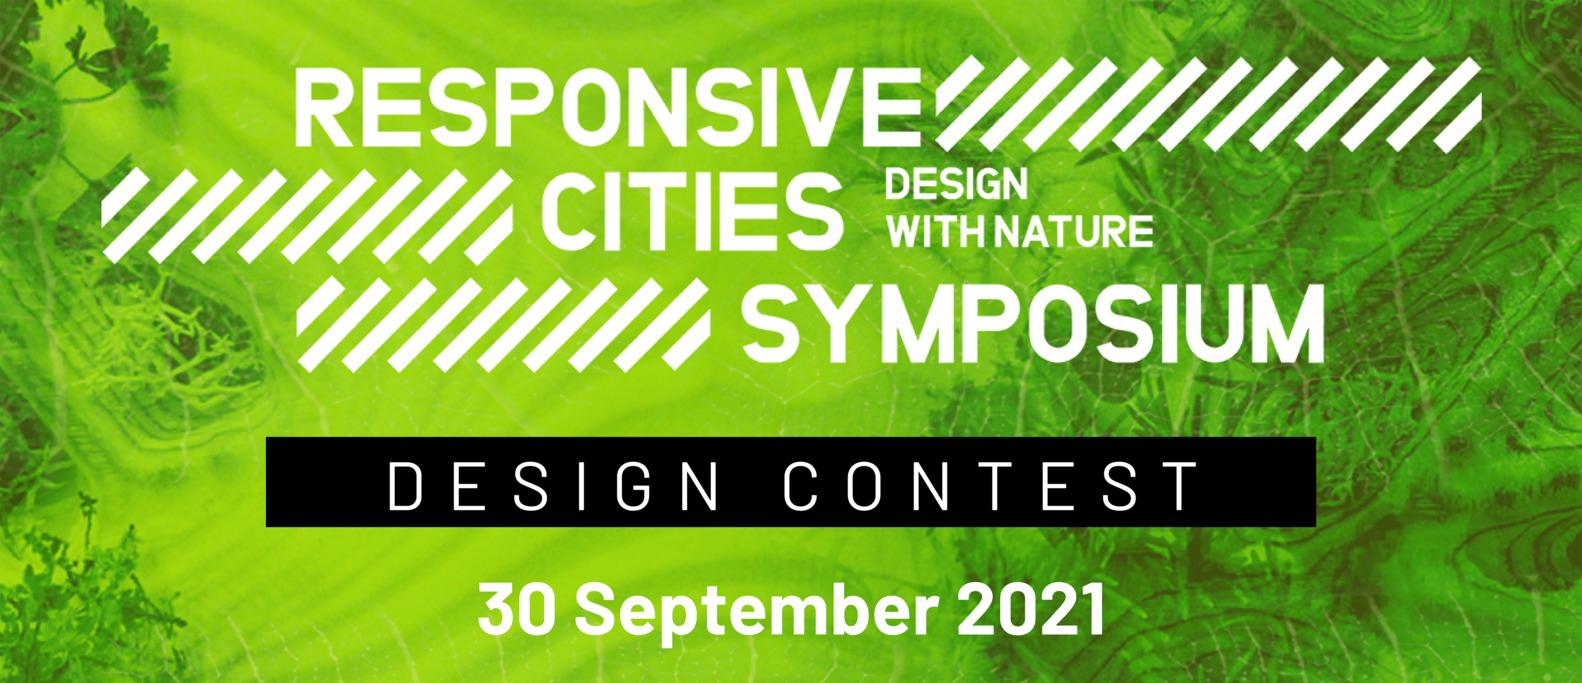 自然设计竞赛——感应城市 2021